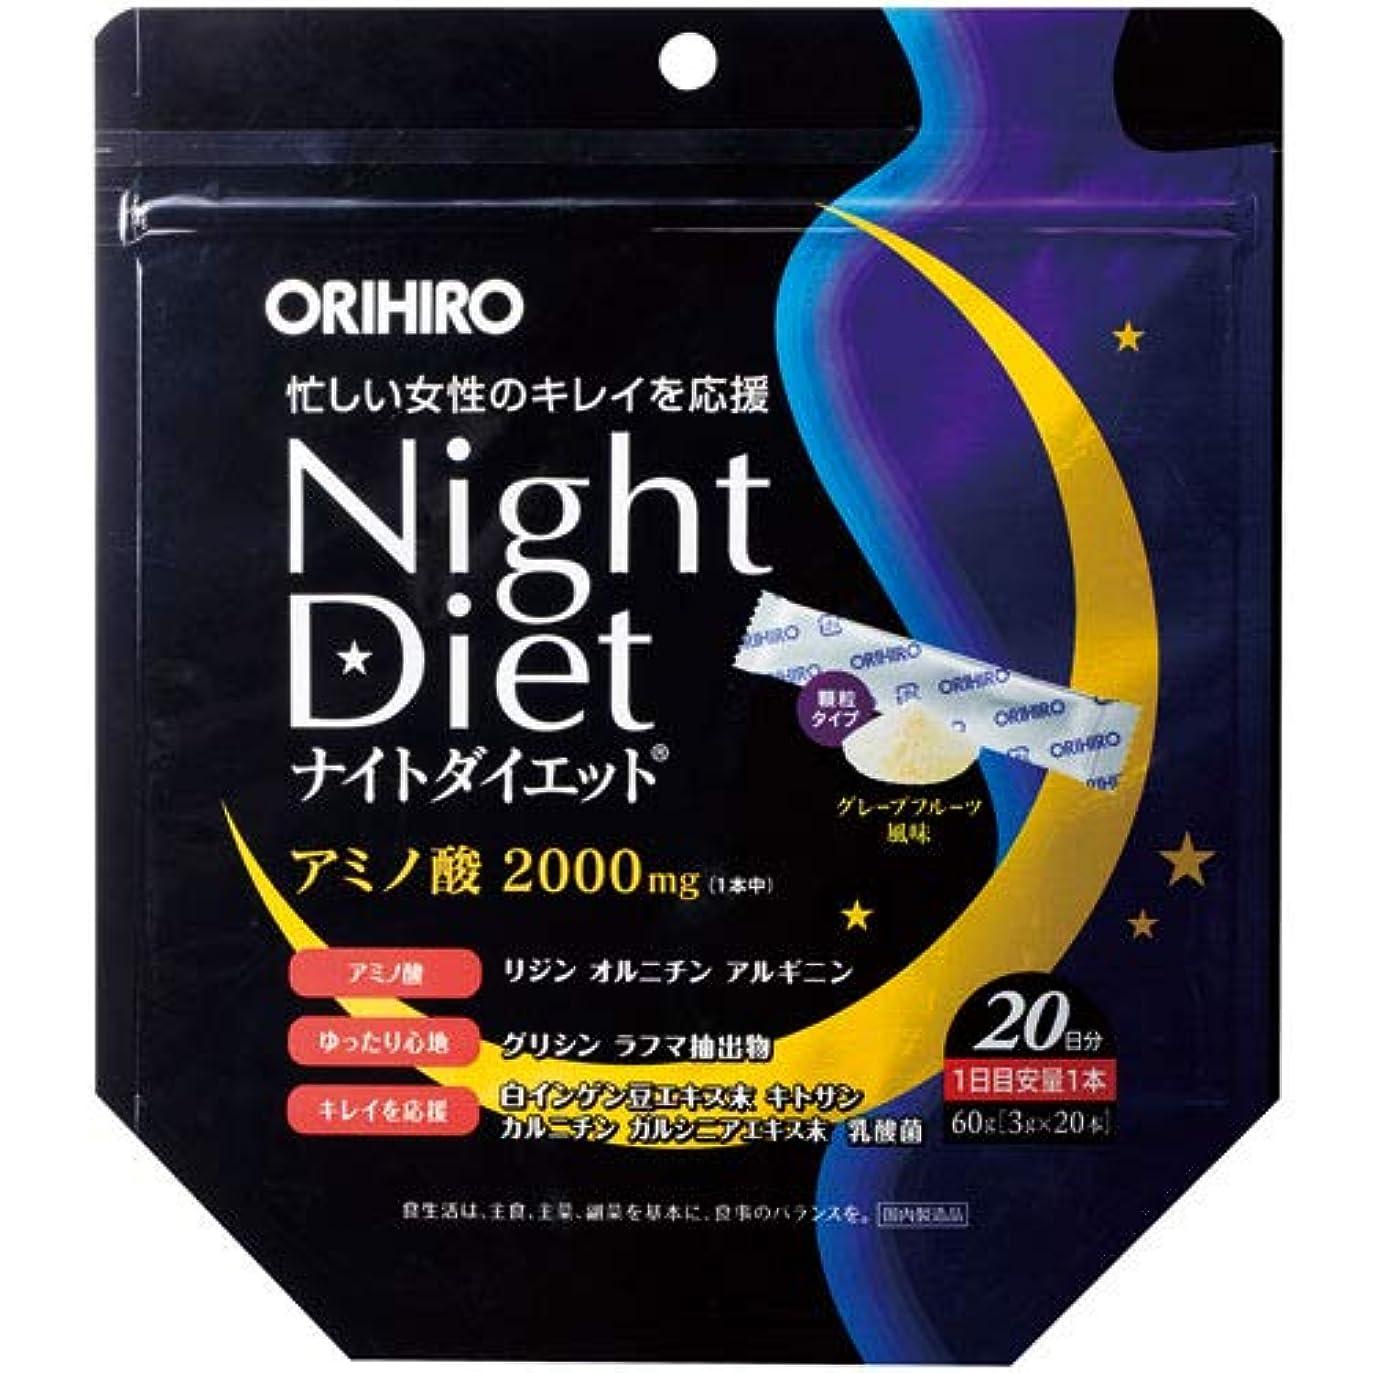 自己気怠い区別するオリヒロ ナイトダイエット 顆粒 20本×3個セット